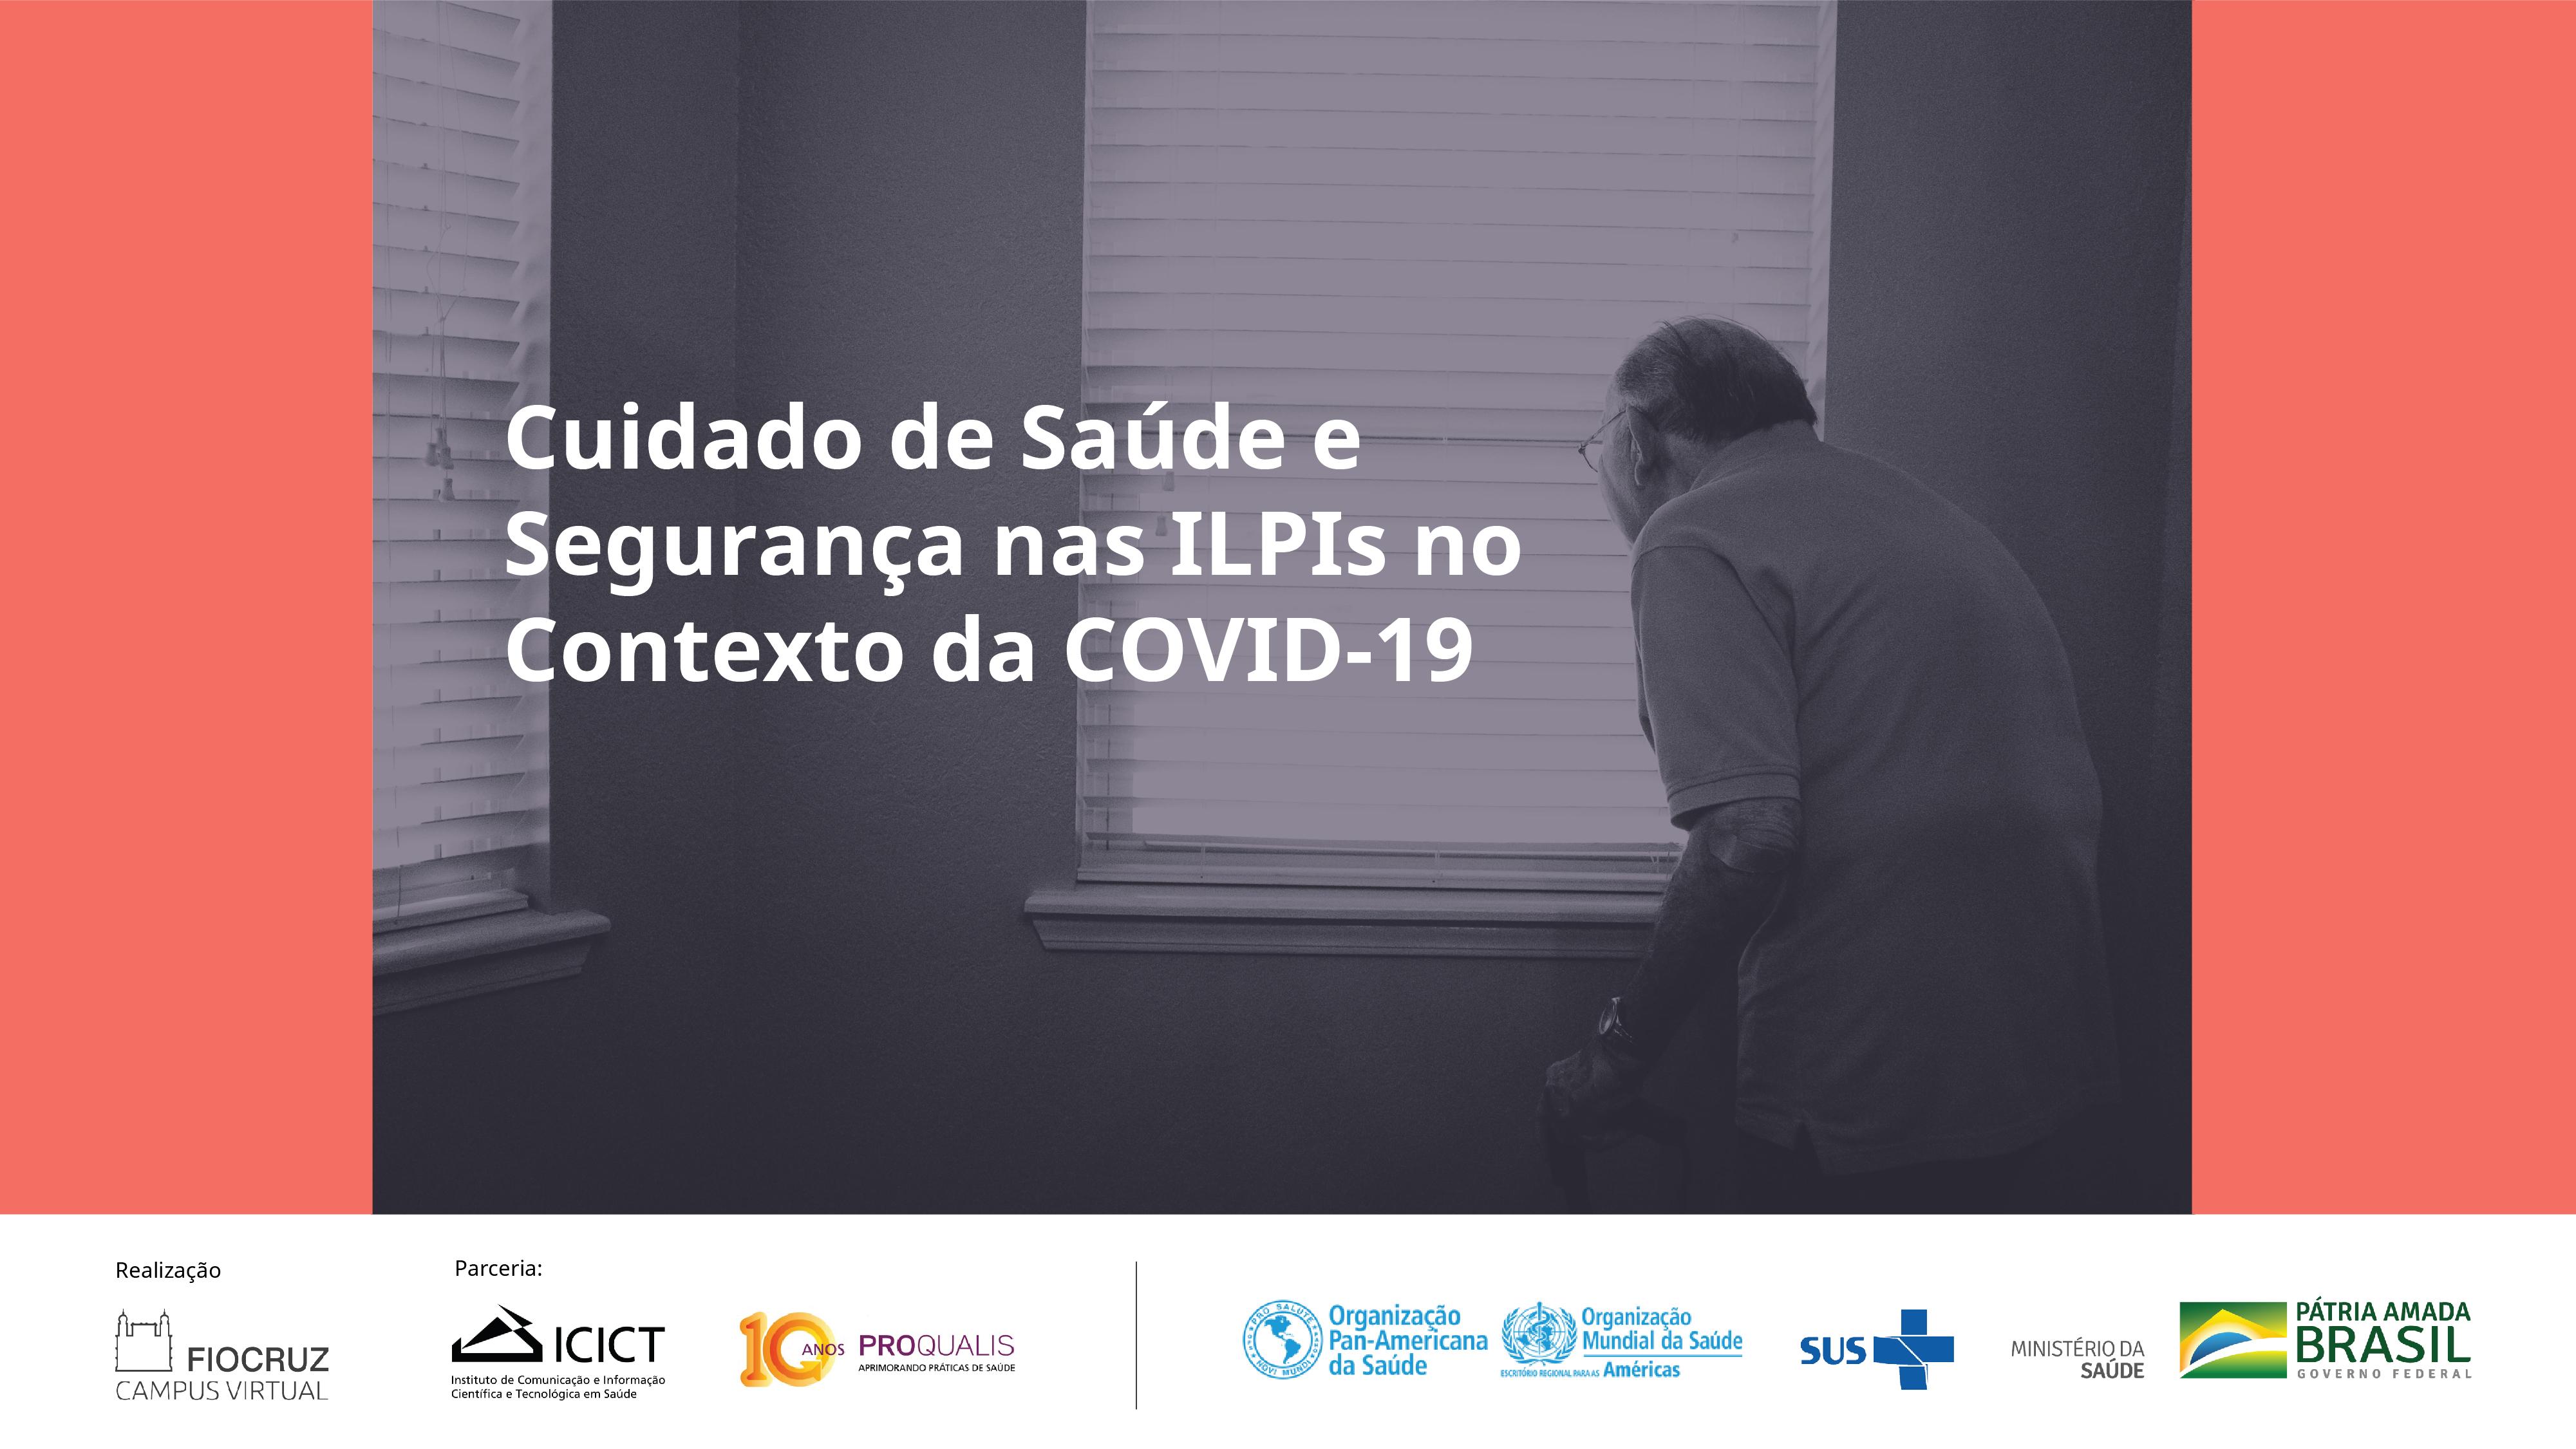 Cuidado de Saúde e Segurança nas ILPIs no Contexto da COVID-19